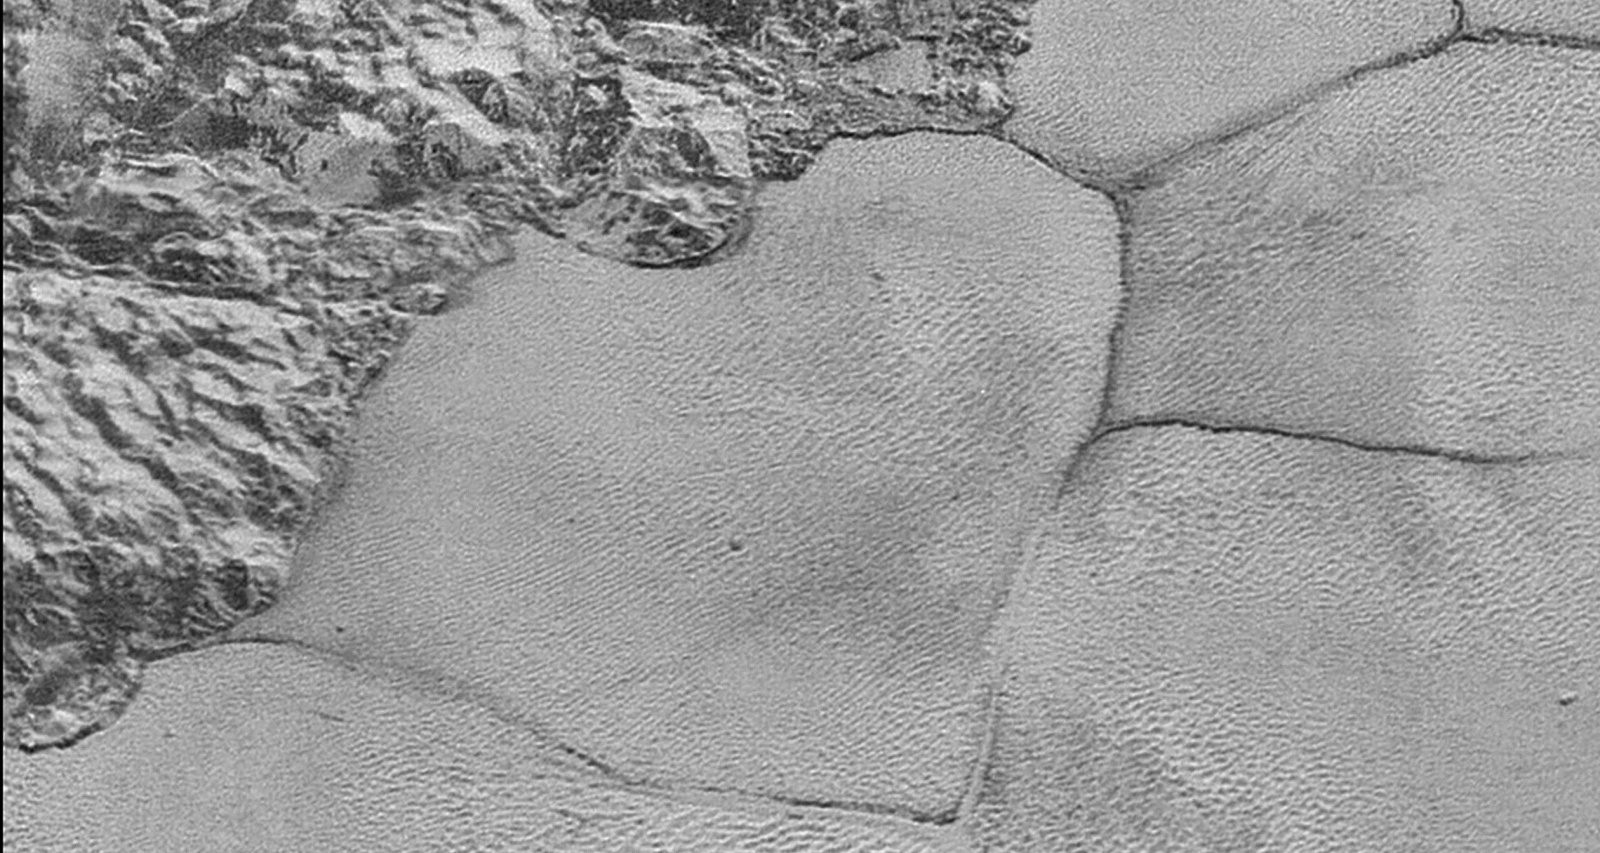 На Плутоне нашли метановые дюны